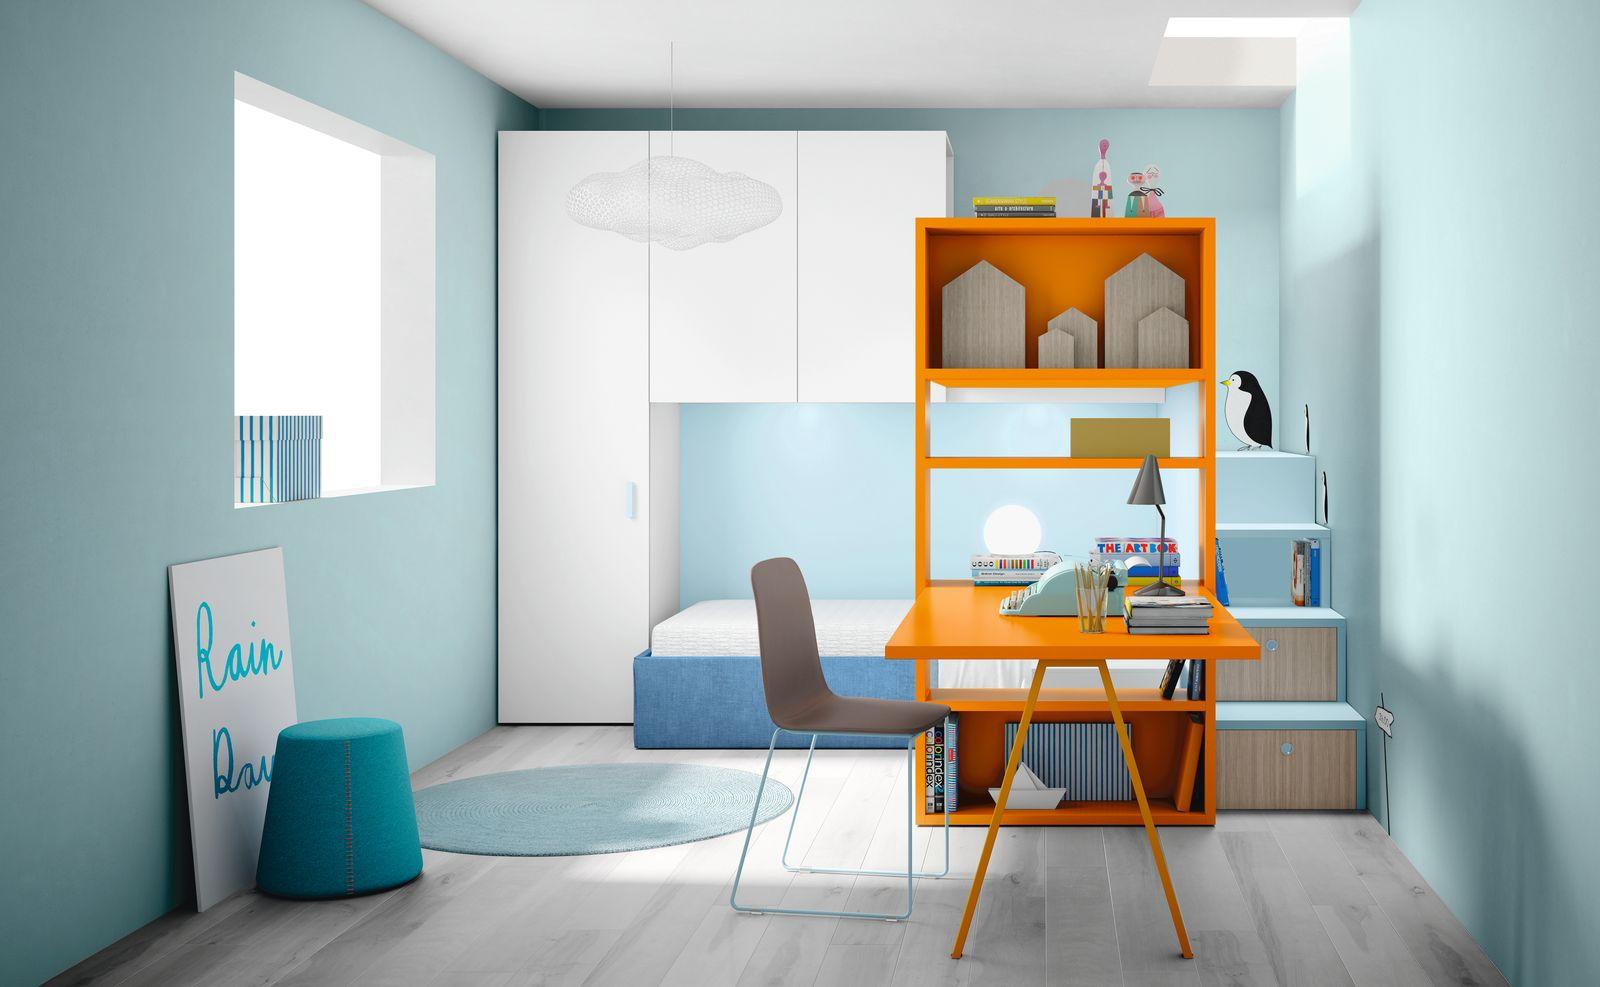 Keukenkasten met rolluiken beste inspiratie voor for Interieur ontwerpen programma